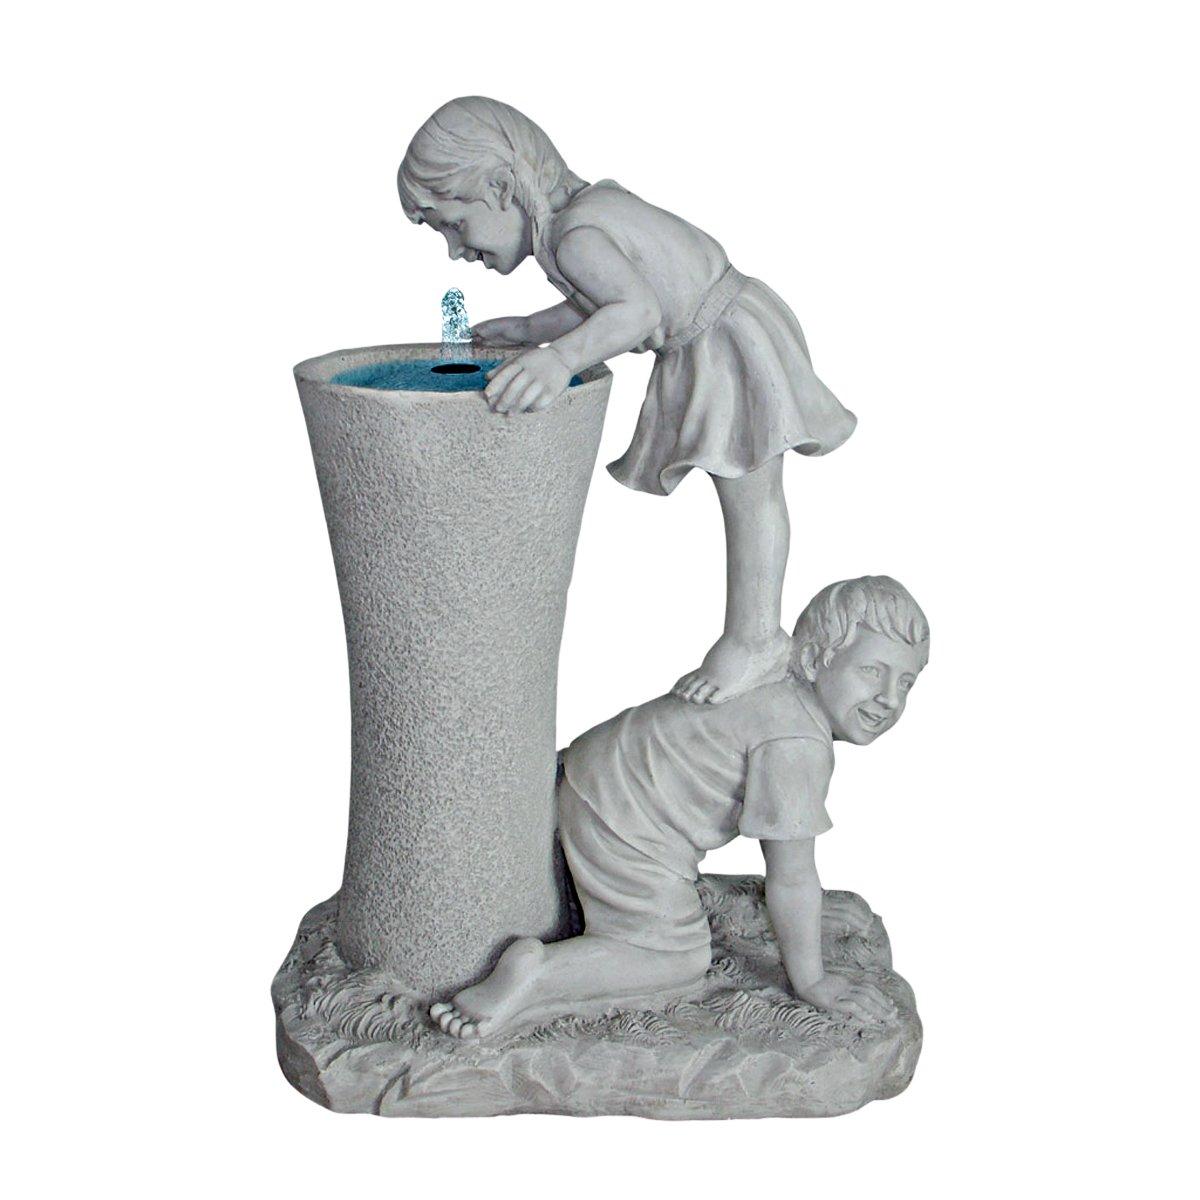 Design Toscano Get A Leg up Girl and Boy Sculptural Fountain Antique Stone